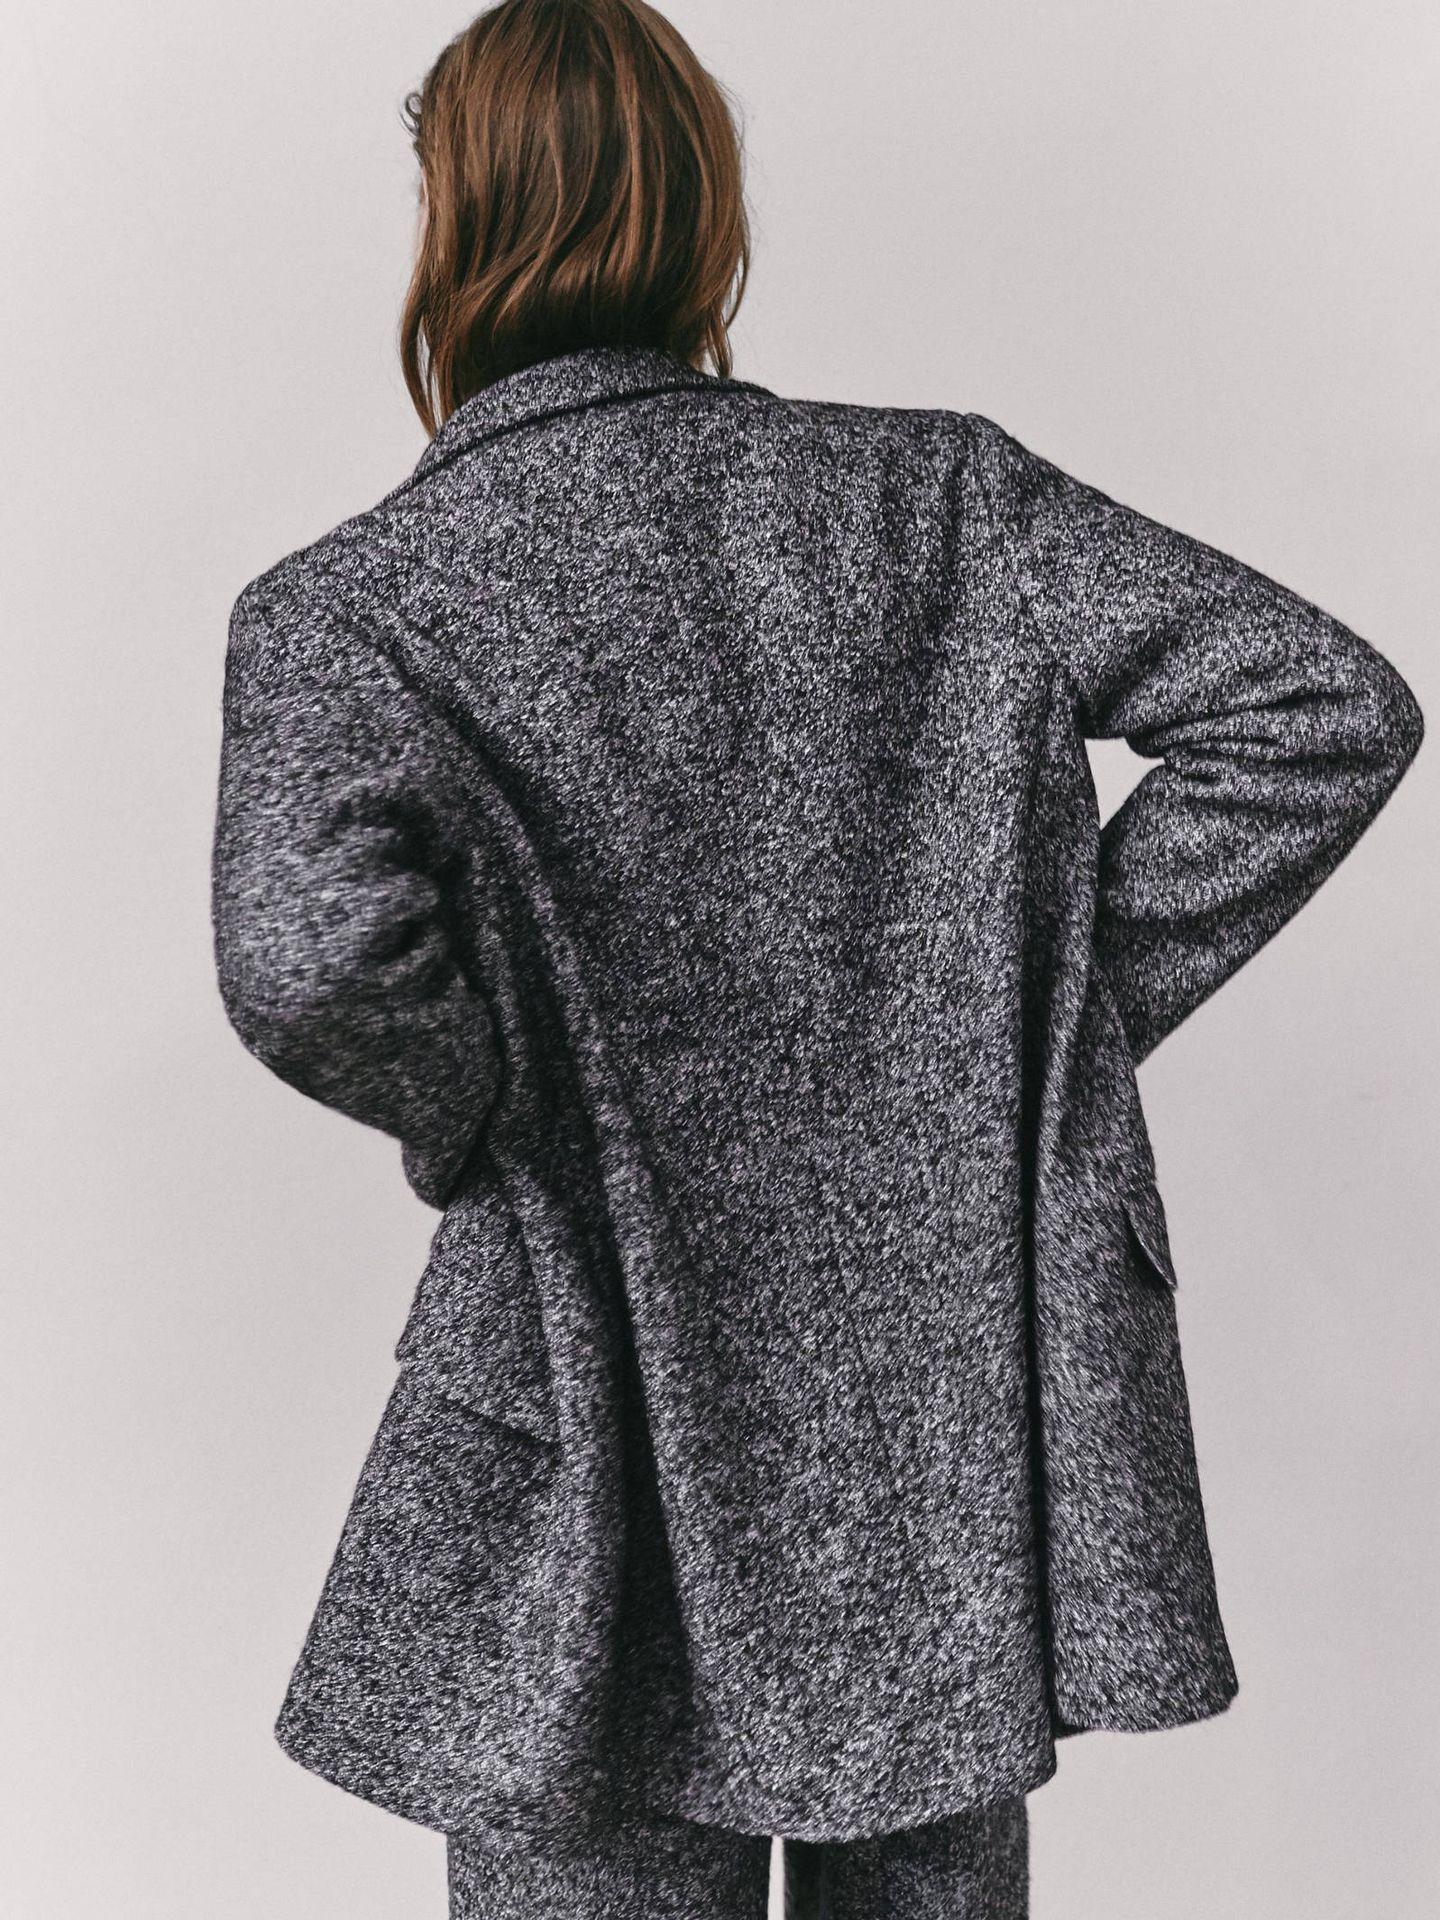 Americana de lana de Massimo Dutti. (Cortesía)